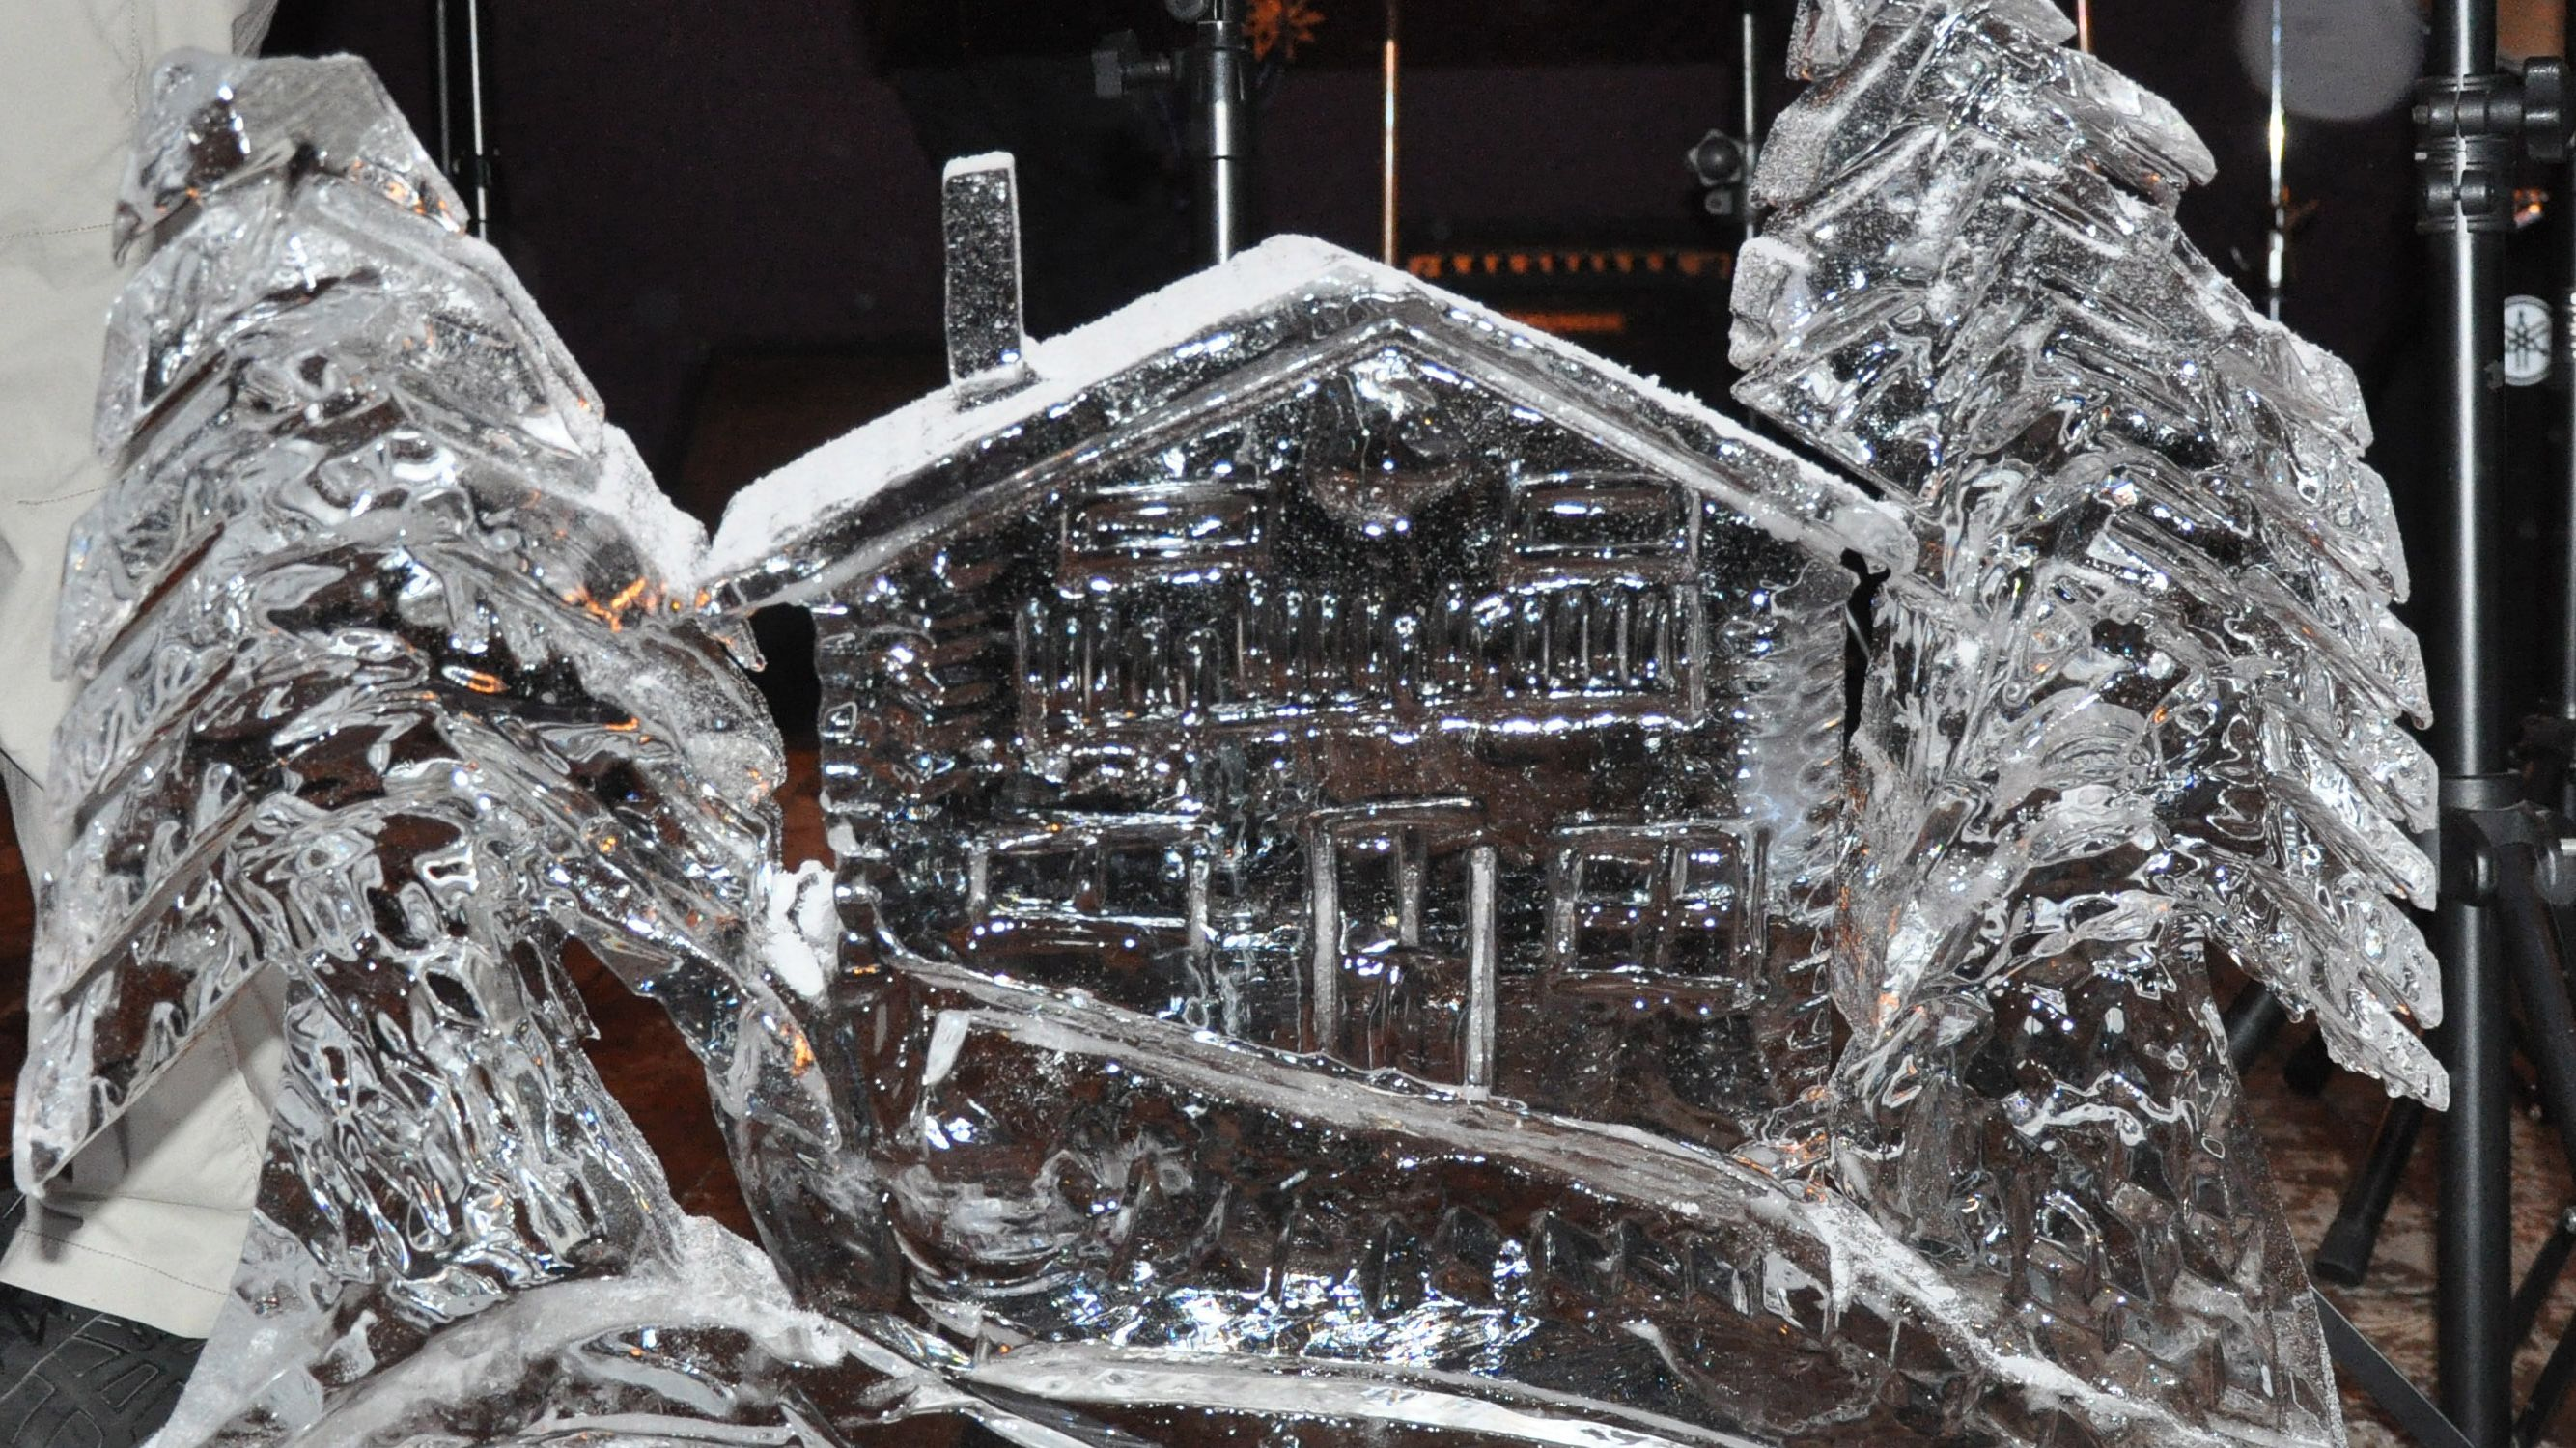 Eisskulptur vom Europameister im Eisskulpturenschnitzen, Christian Staber